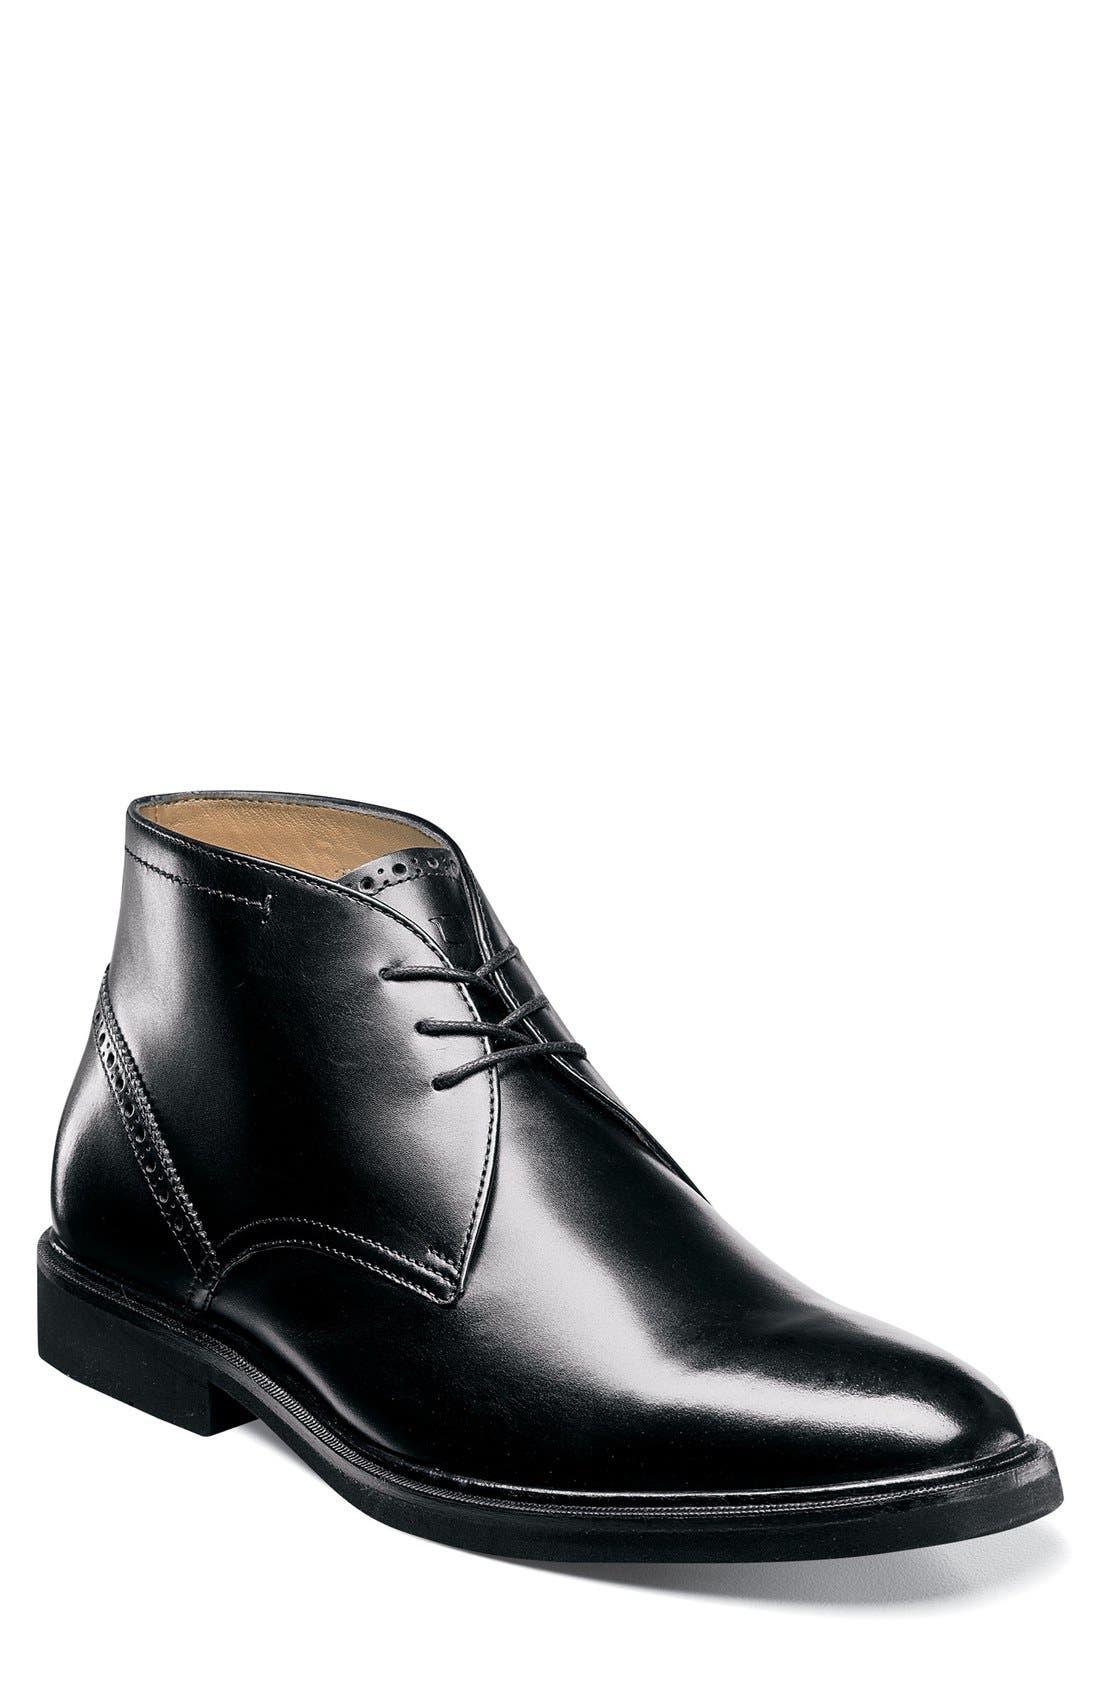 Hamilton Chukka Boot,                         Main,                         color, 001